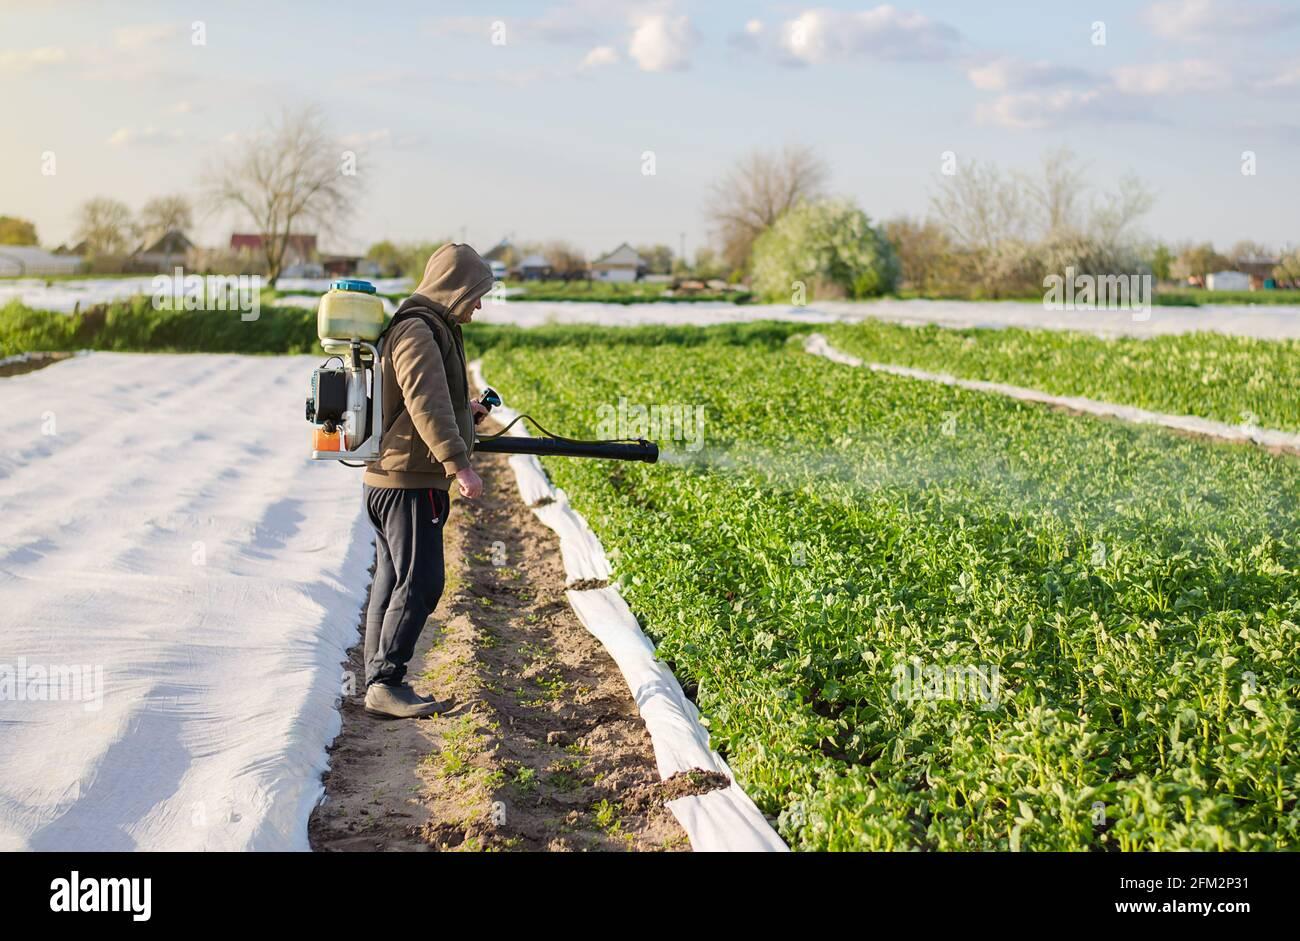 El granjero masculino con un pulverizador procesa los arbustos de la patata con los productos químicos. Protección de plantas cultivadas contra insectos e infecciones fúngicas. Aumentado Foto de stock